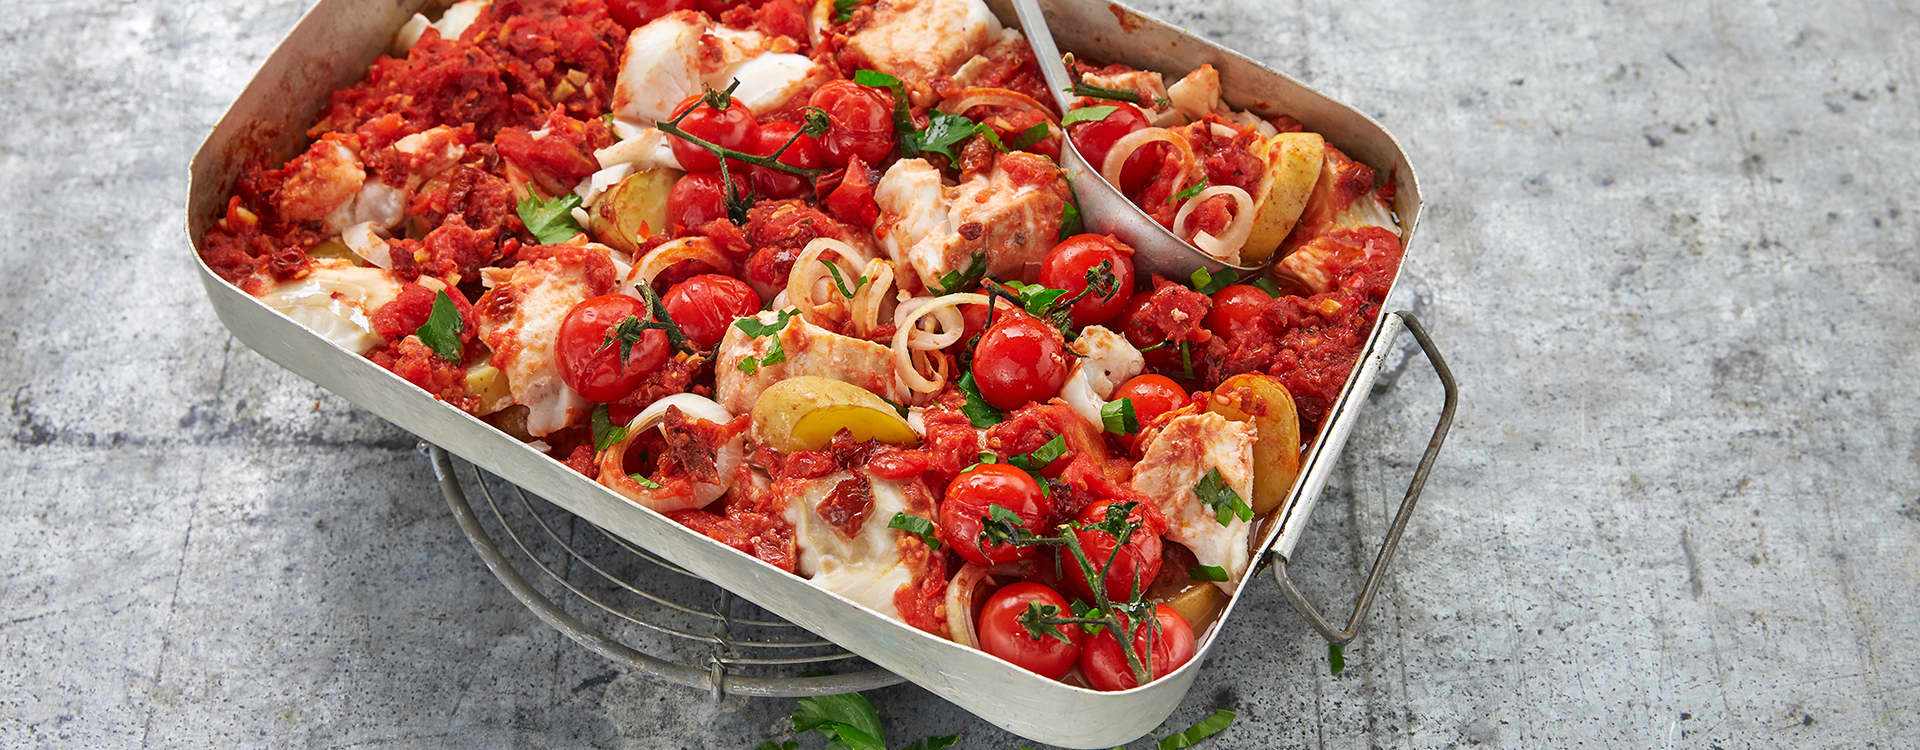 Skrei / torsk i sterk tomatsaus